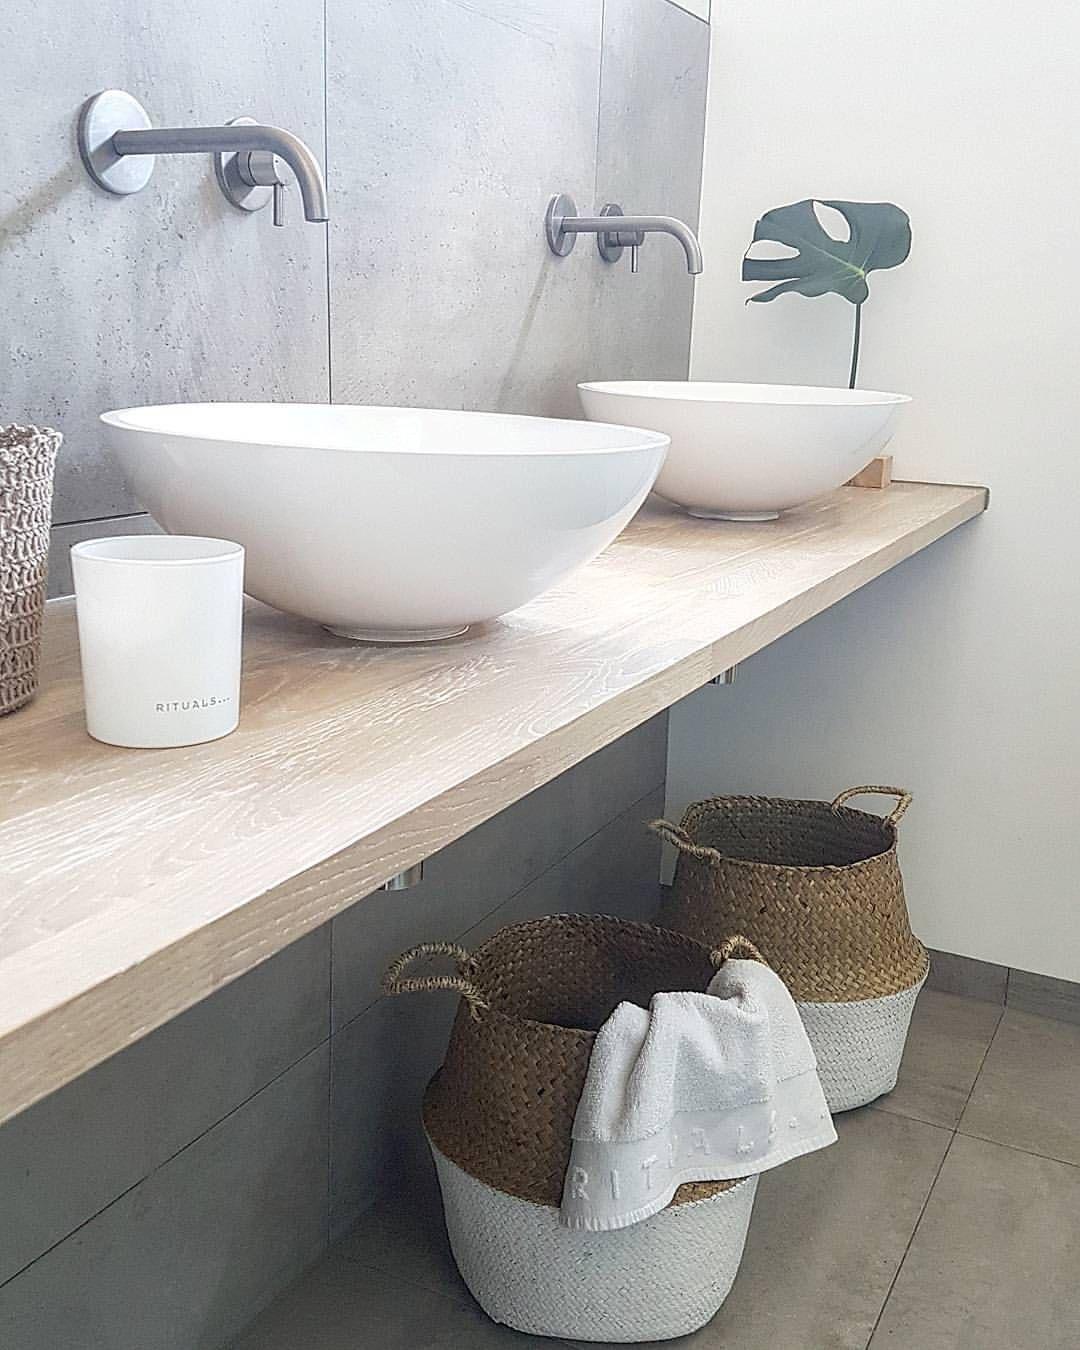 Badezimmer mit leichten waschbecken badezimmer for Badezimmer ideen instagram